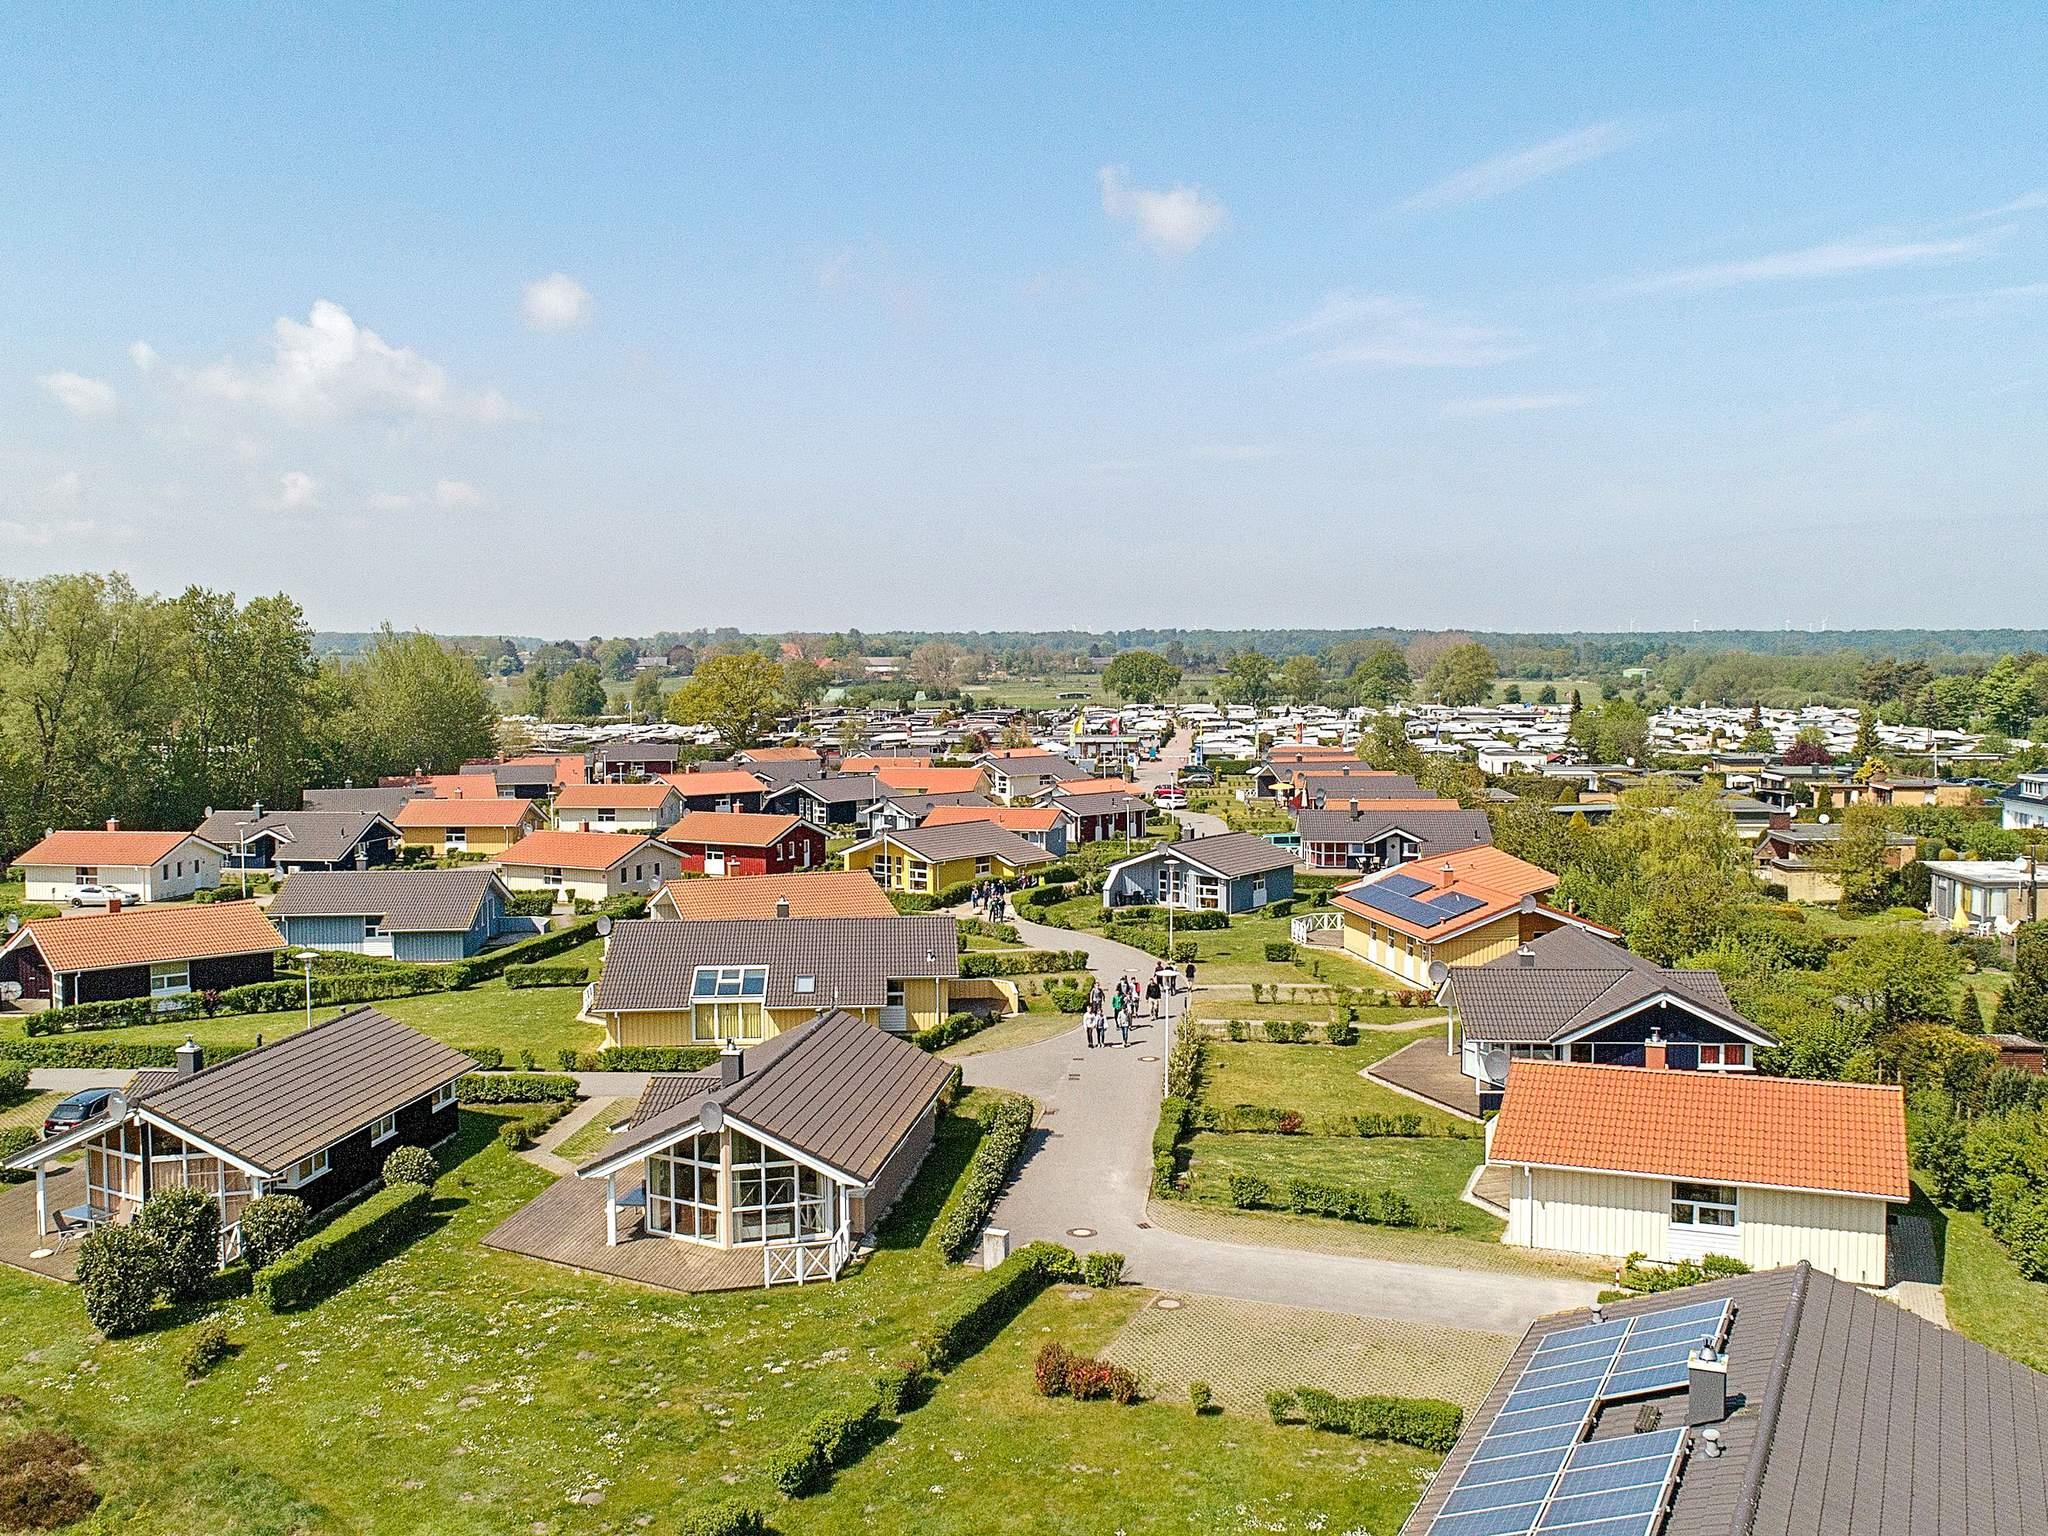 Maison de vacances Grömitz (456406), Grömitz, Baie de Lübeck, Schleswig-Holstein, Allemagne, image 20